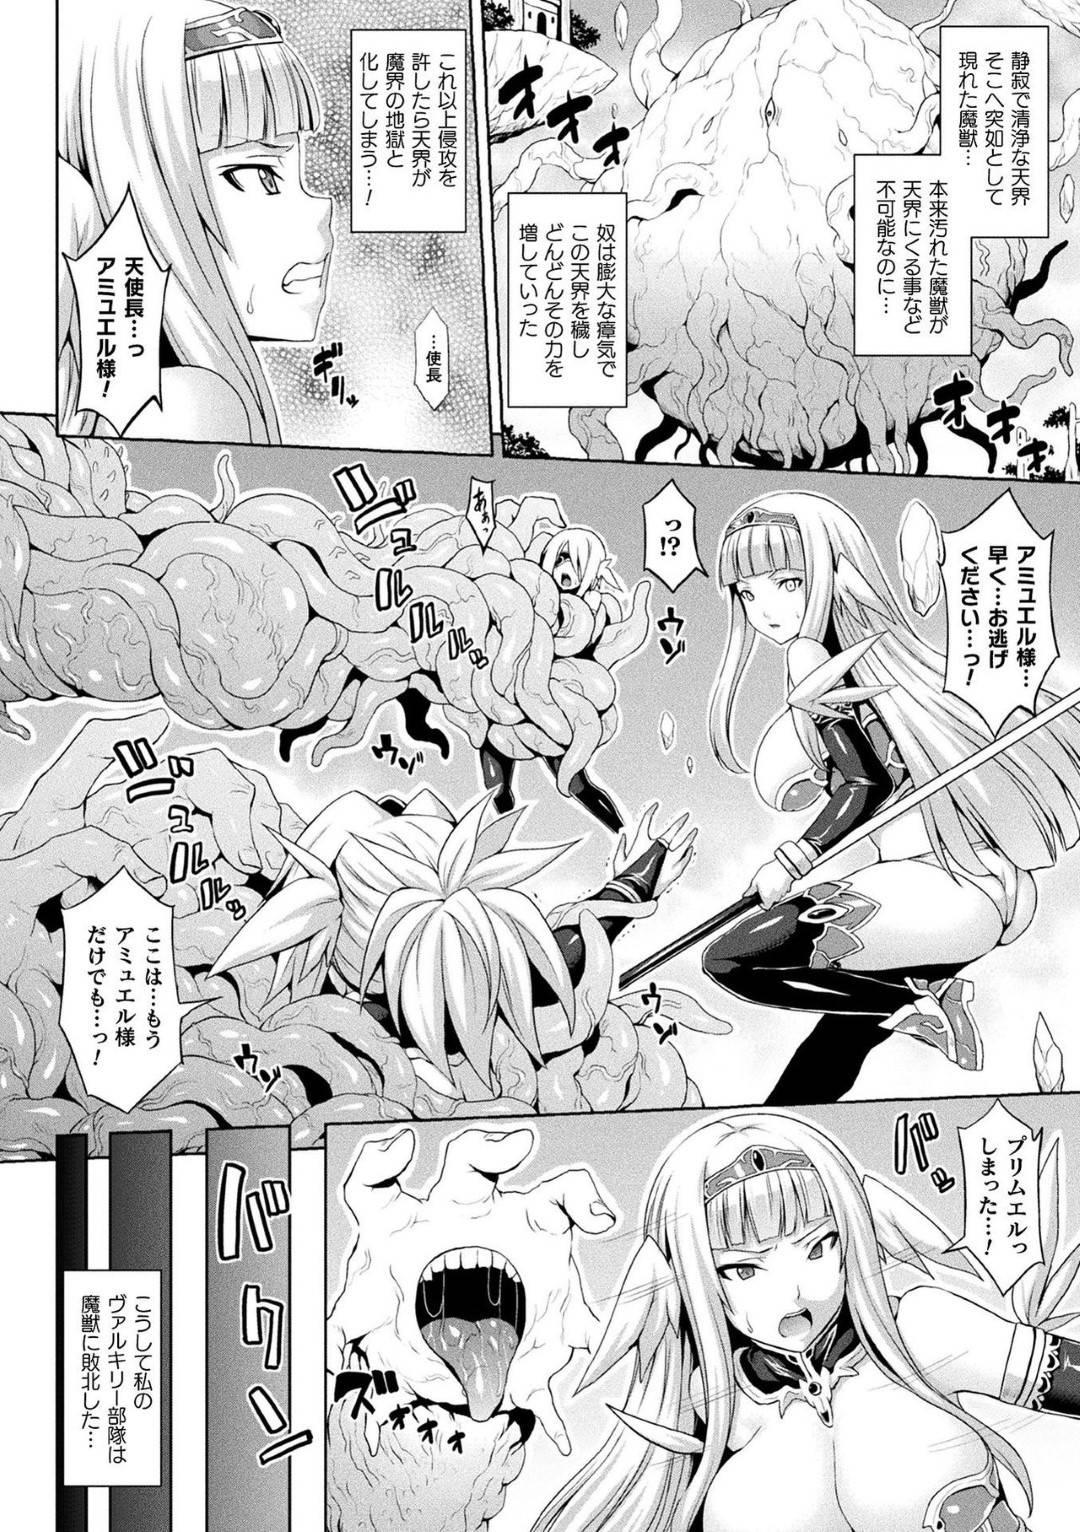 【エロ漫画】魔族に敗北し触手責めされる爆乳お姉さん…敵の痴女にふたなりちんぽを生やされフェラされながら触手レイプされてイキまくり快楽堕ち【ソメジマ:エンジェルフォール】